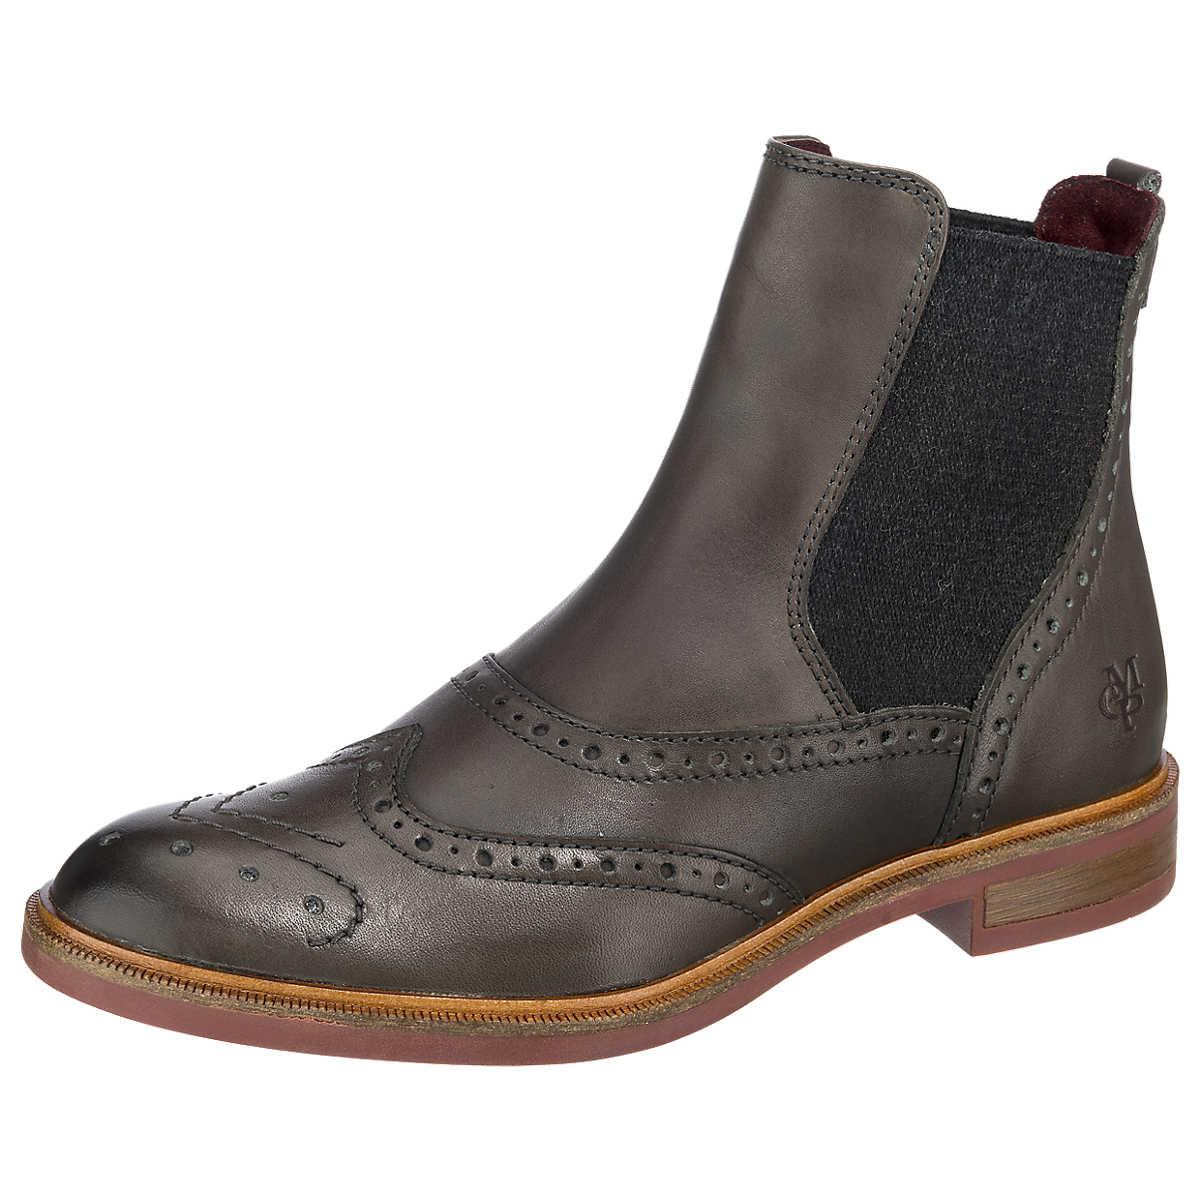 MARC O�´POLO Stiefeletten grau - Marc O�´Polo - Stiefeletten - Schuhe - mirapodo.de